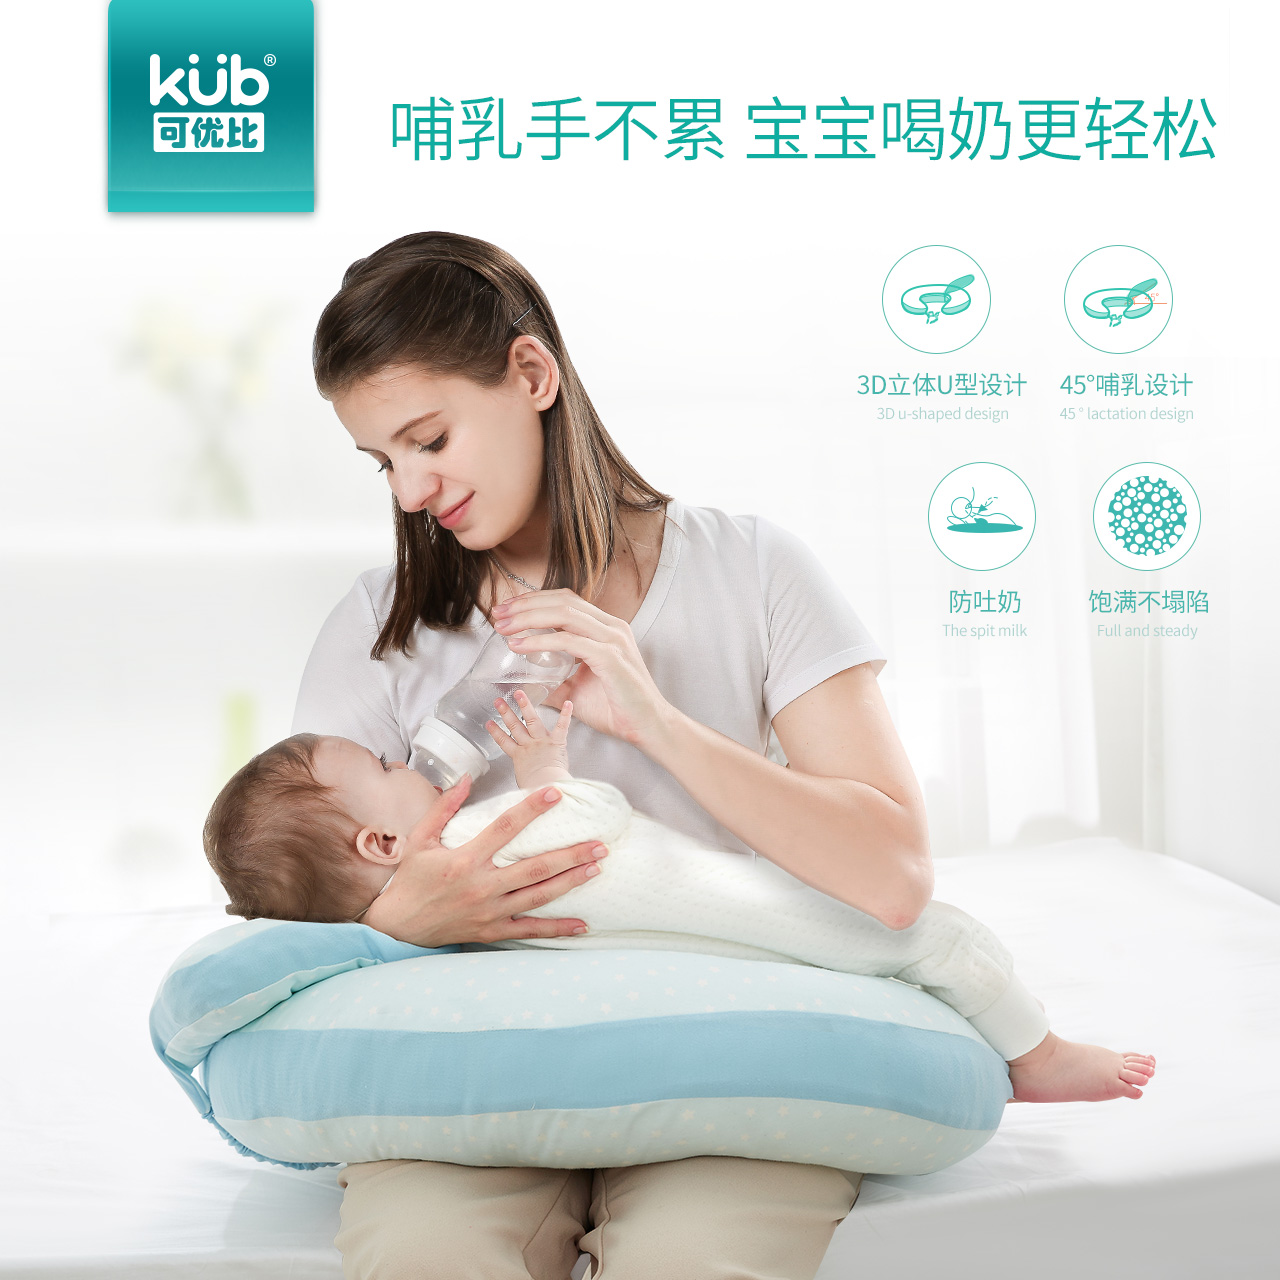 KUB может быть отличным соотношение грудное вскармливание подушка подача молоко подушка ремень новорожденных подача молоко награда молоко противо плевать молоко подушка беременная женщина подушка лето